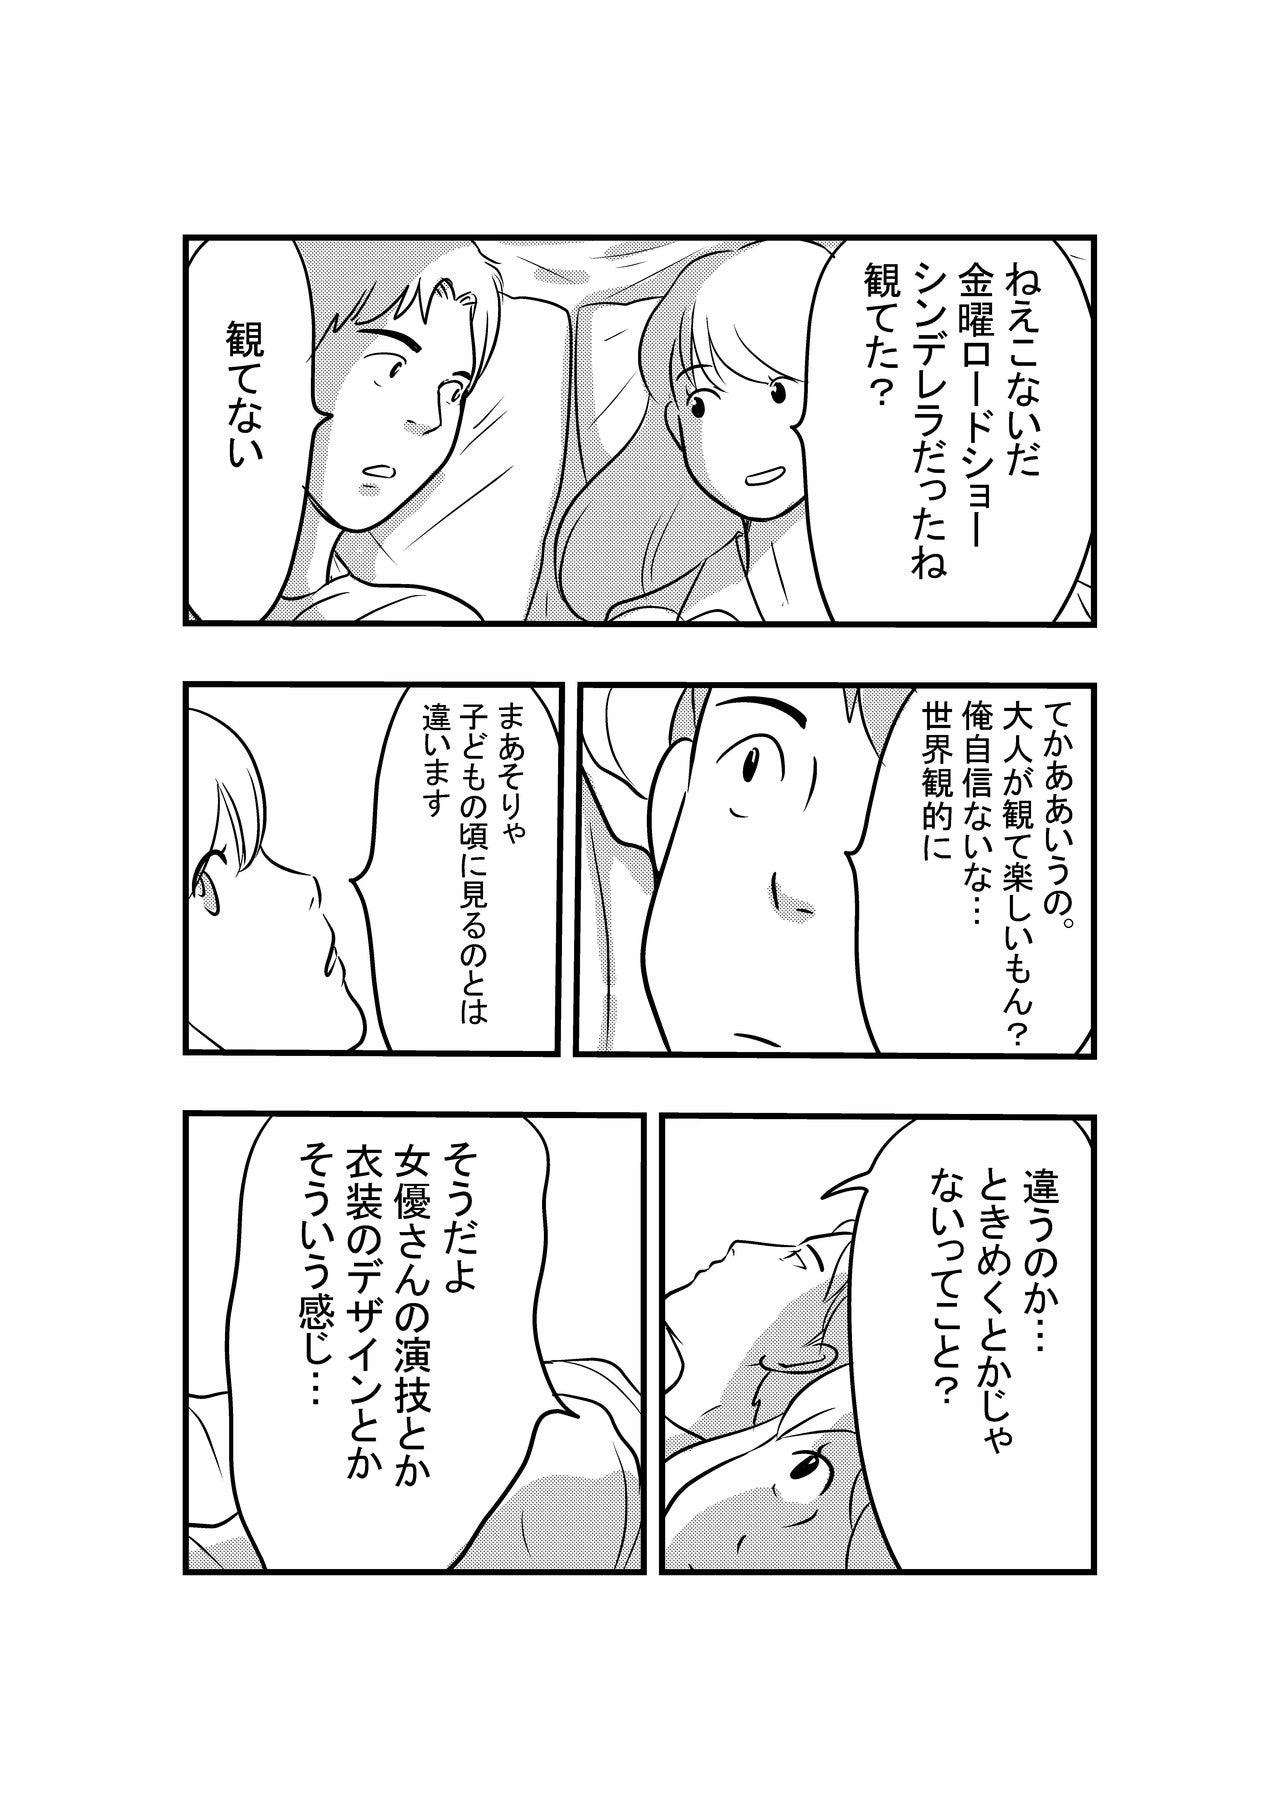 千秋 顔 松本